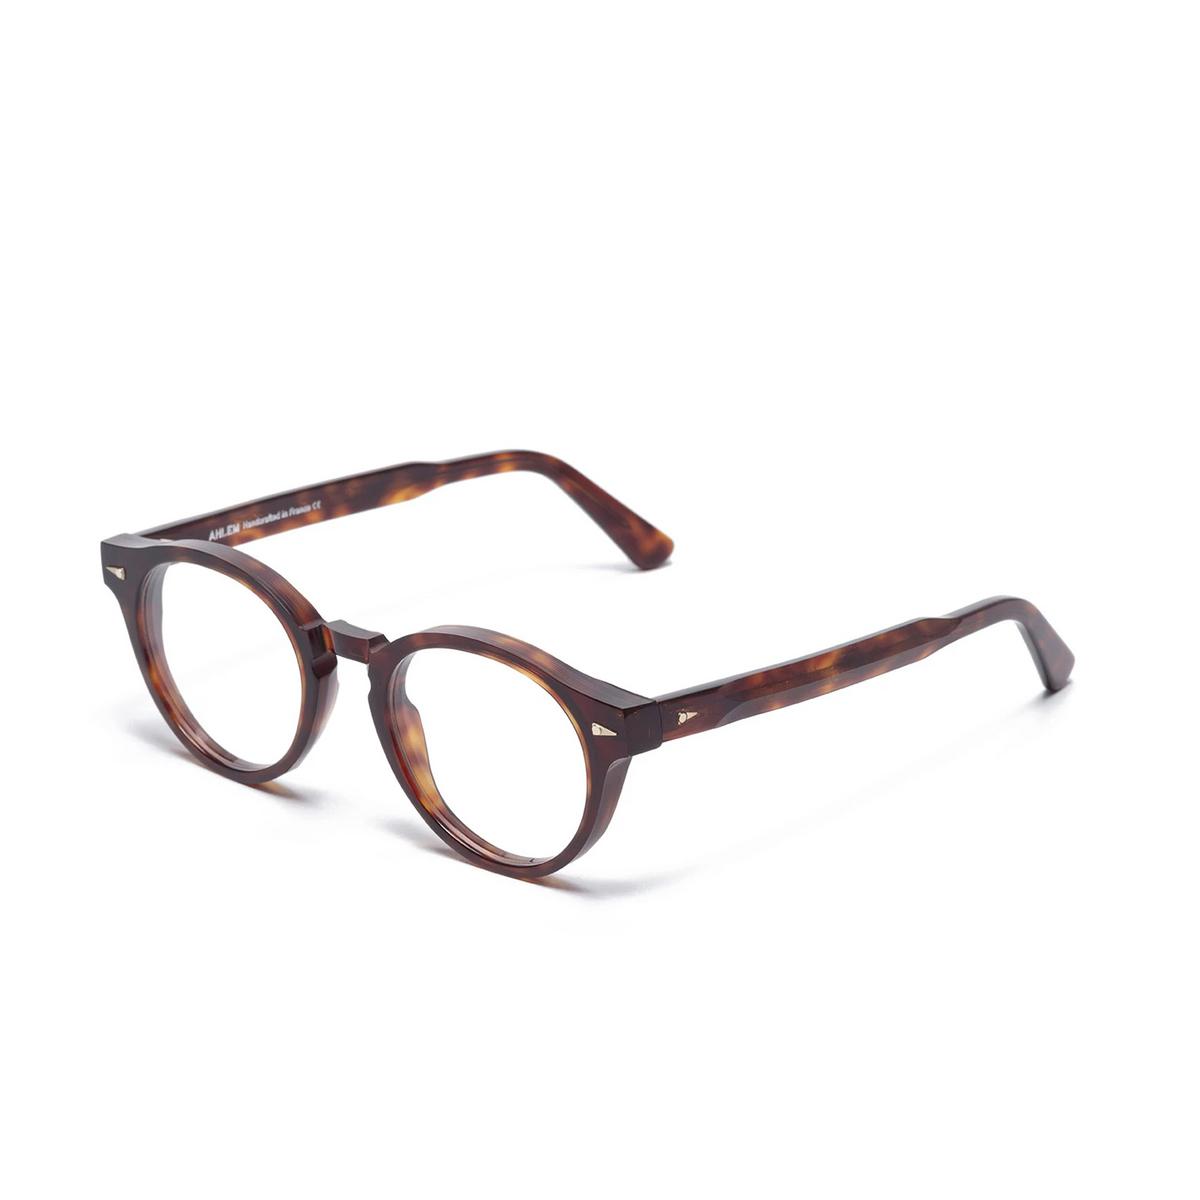 Ahlem® Round Eyeglasses: Rue Du Theatre color Light Turtle.